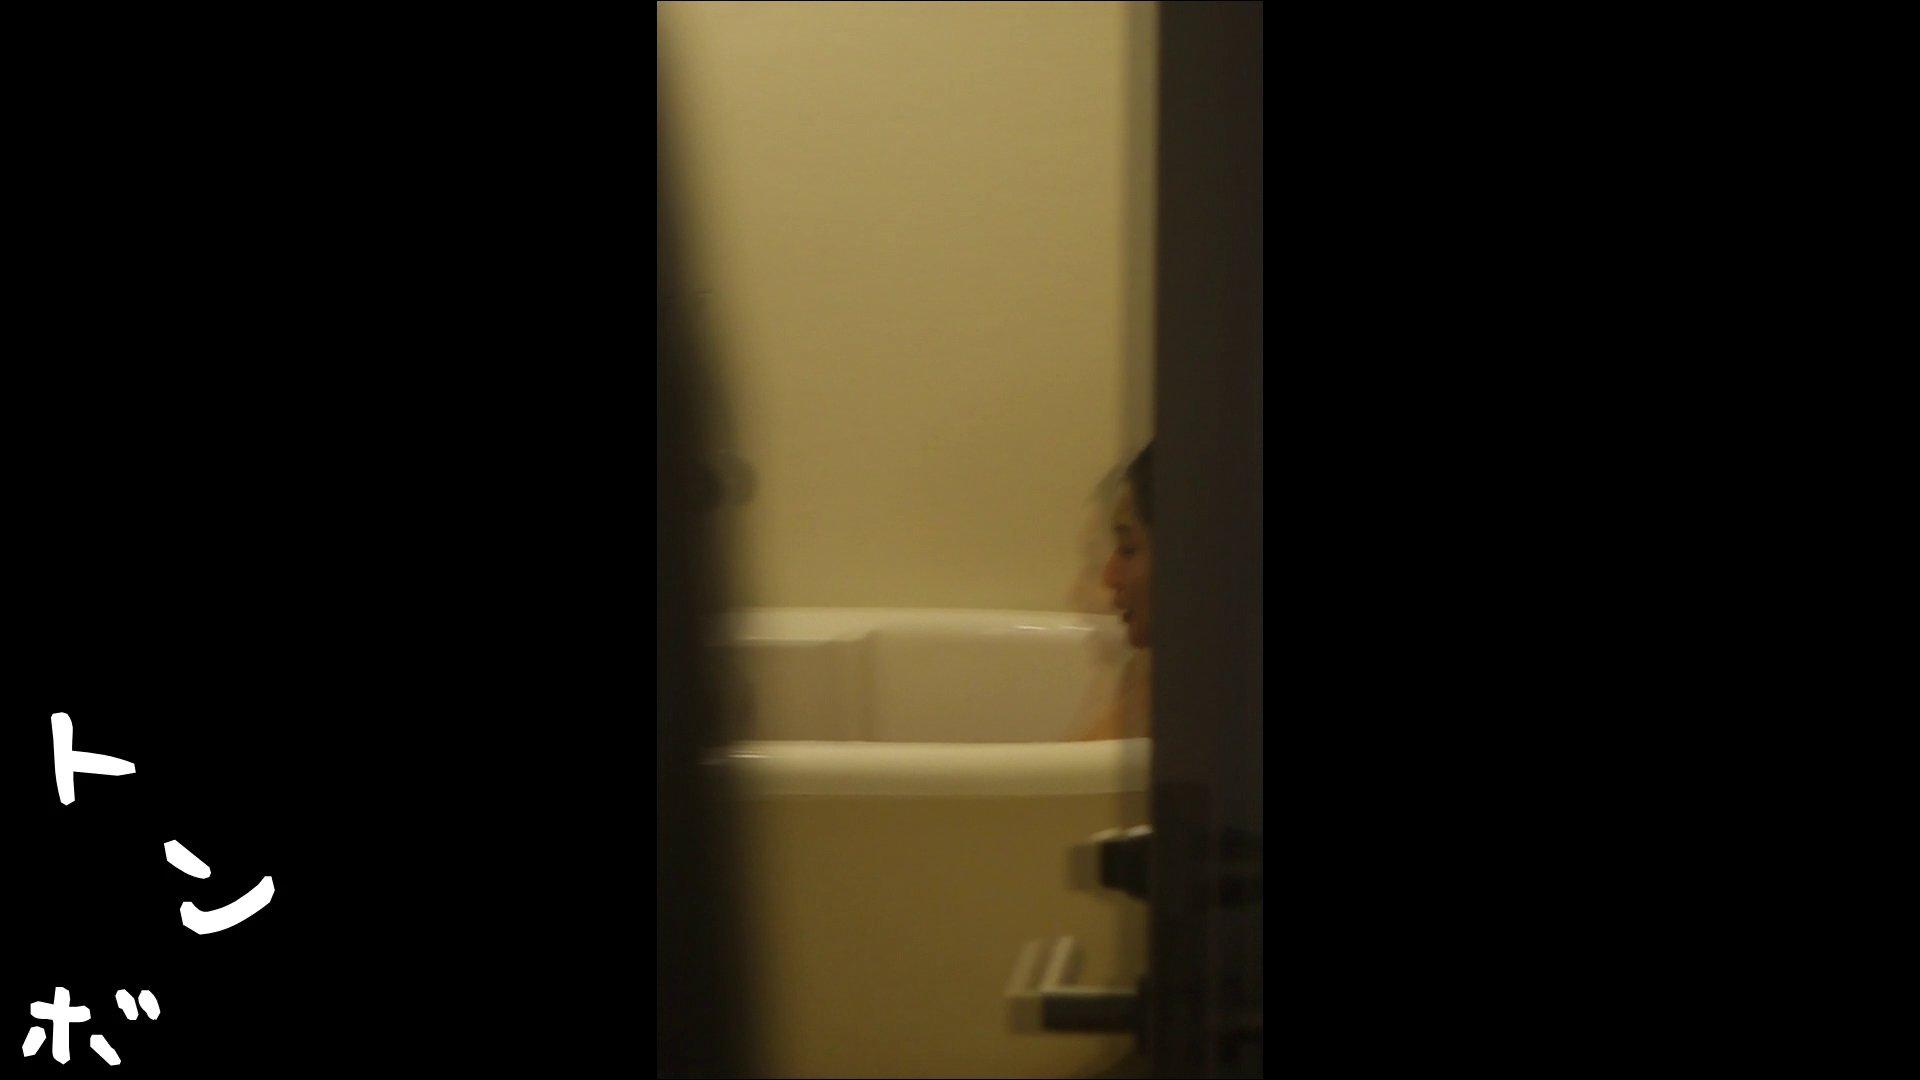 リアル盗撮 オナニー有り!現役モデルのシャワーシーン1 美女ハメ撮り  93Pix 69